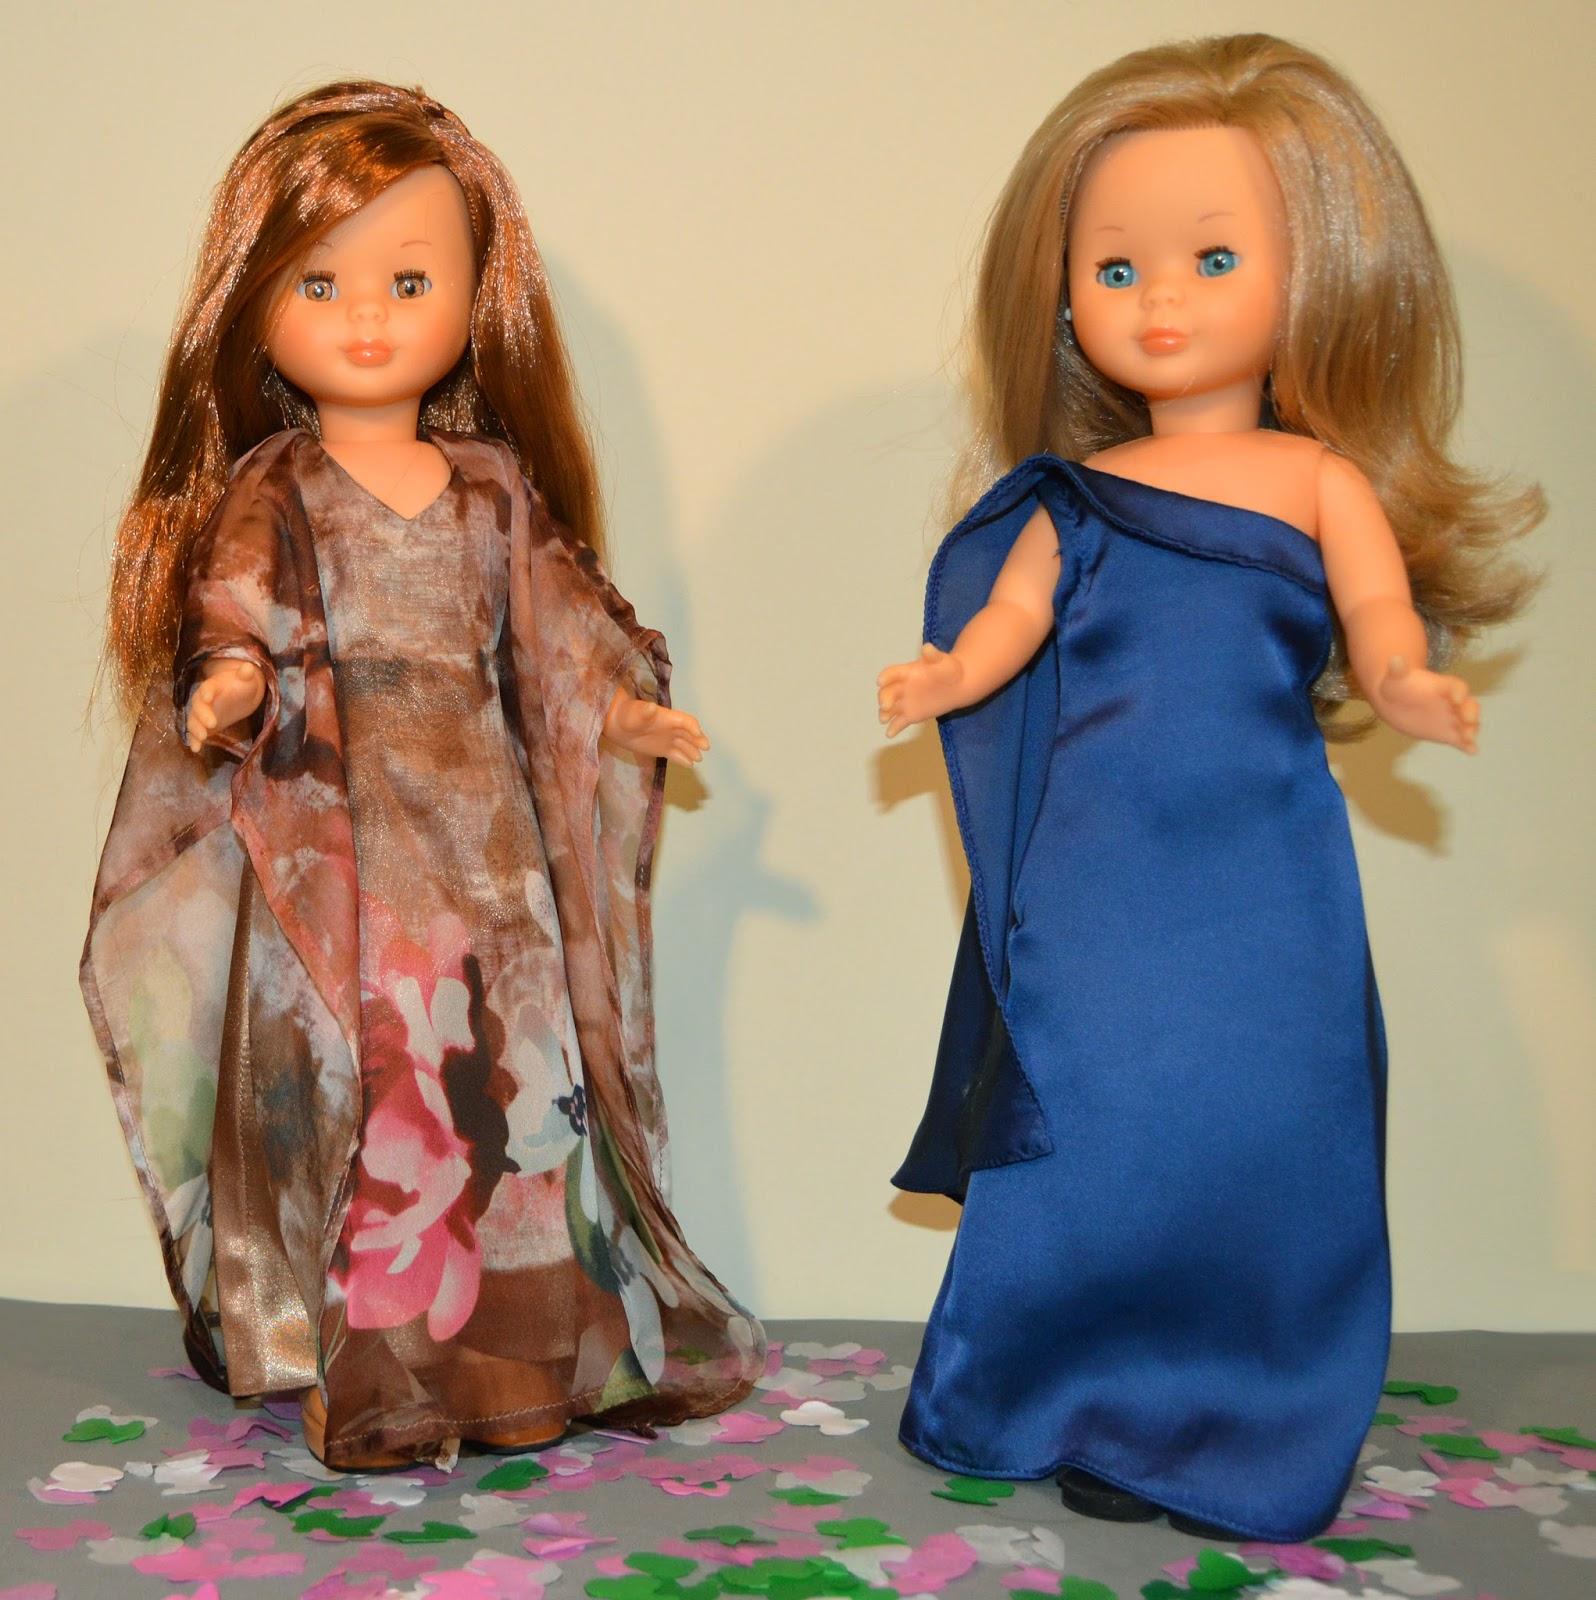 c82d684aa66 Siguiendo con mi colección de vestidos para Nancy de Grandes Diseñadores